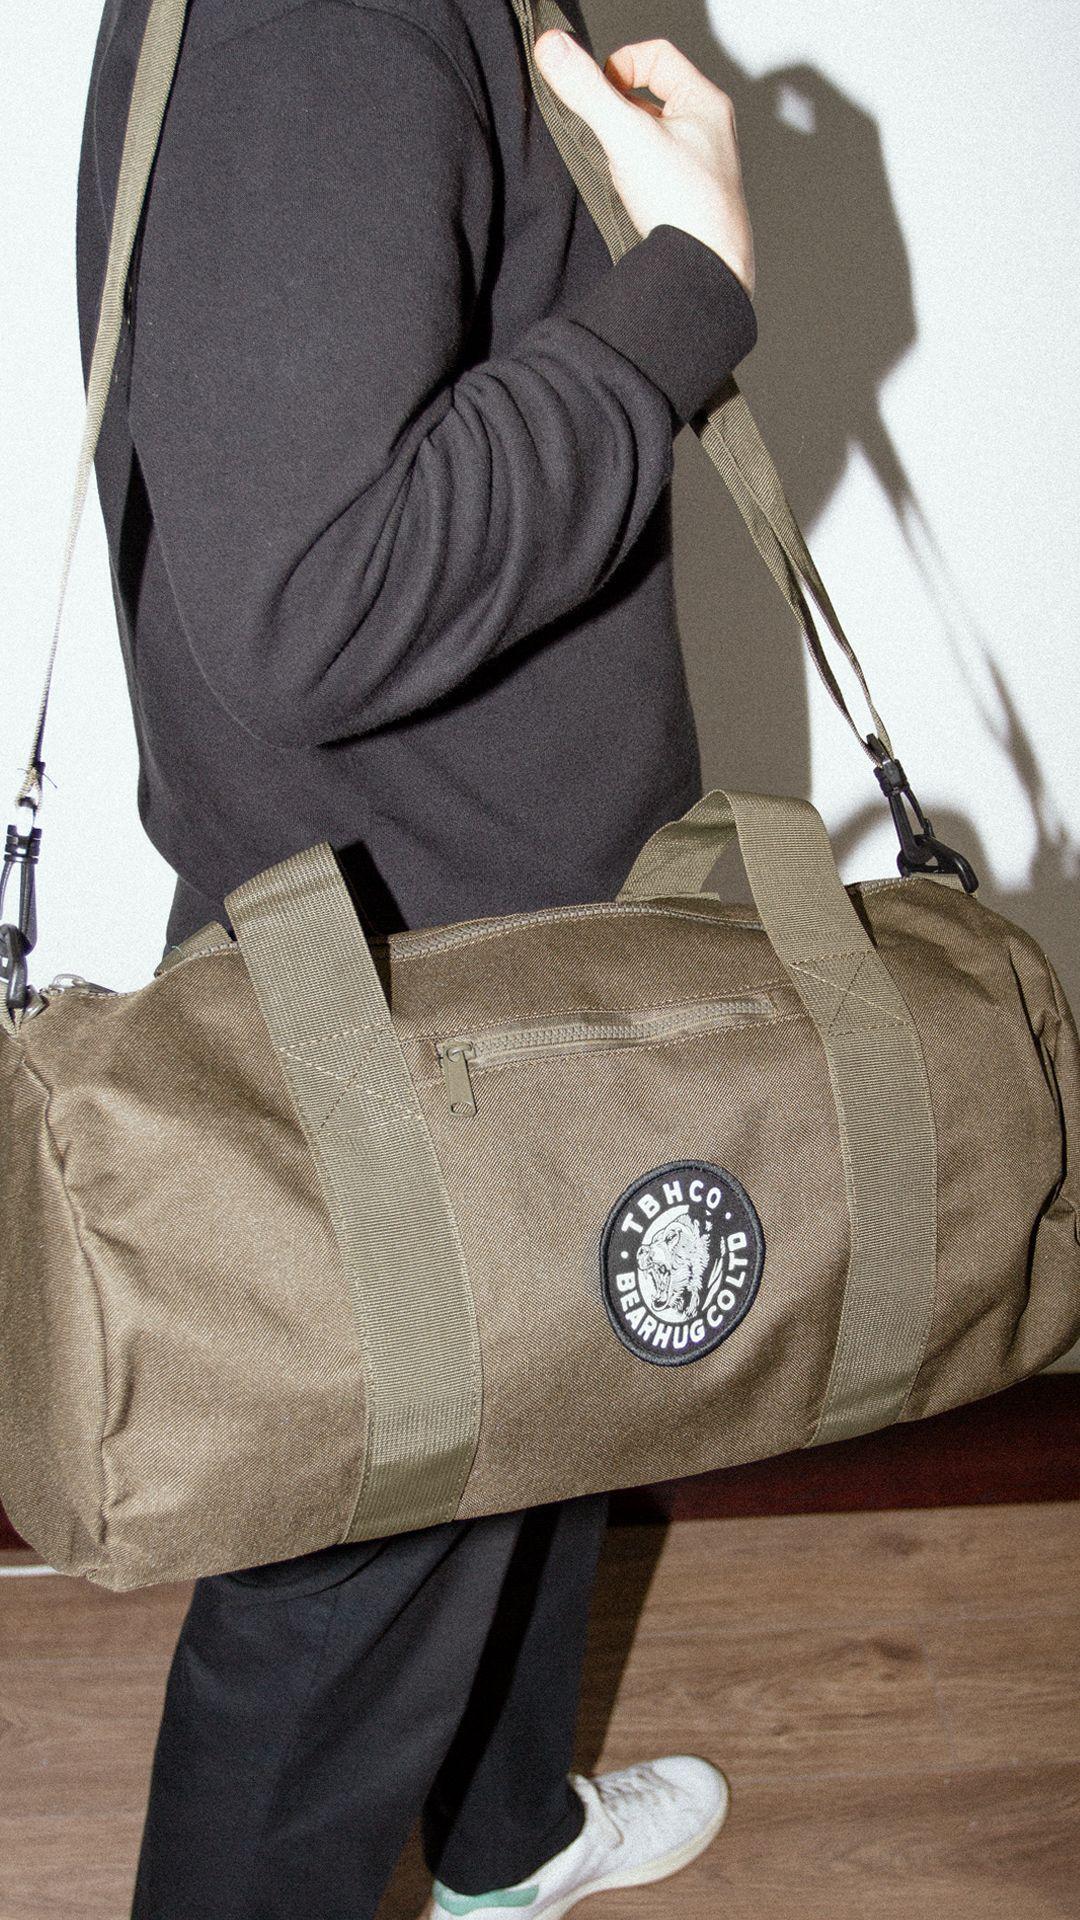 d4bdeeec6c6 The Bearhug - Olive Green  Barrel Bag   streetwear  barrelbag  bearhug